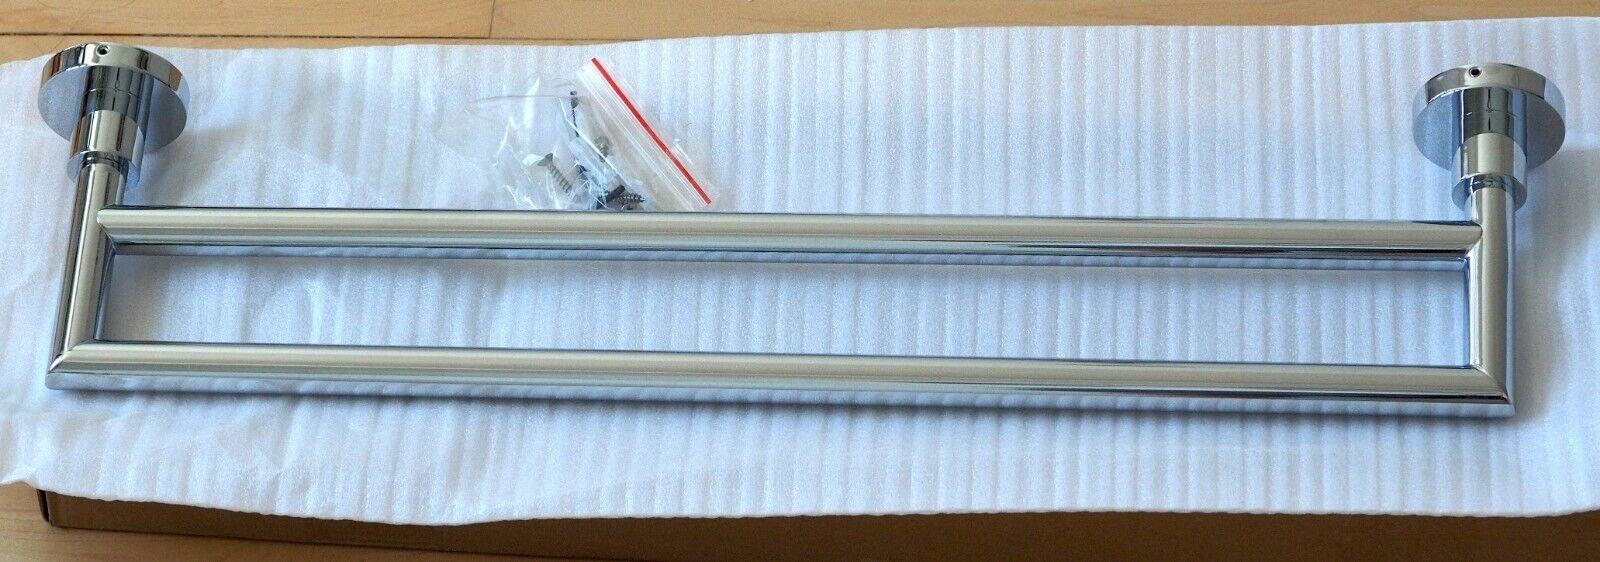 Blau Bathworks 18 inch dual towel bar, chrome, new   BA-TB-01 Y1T9902